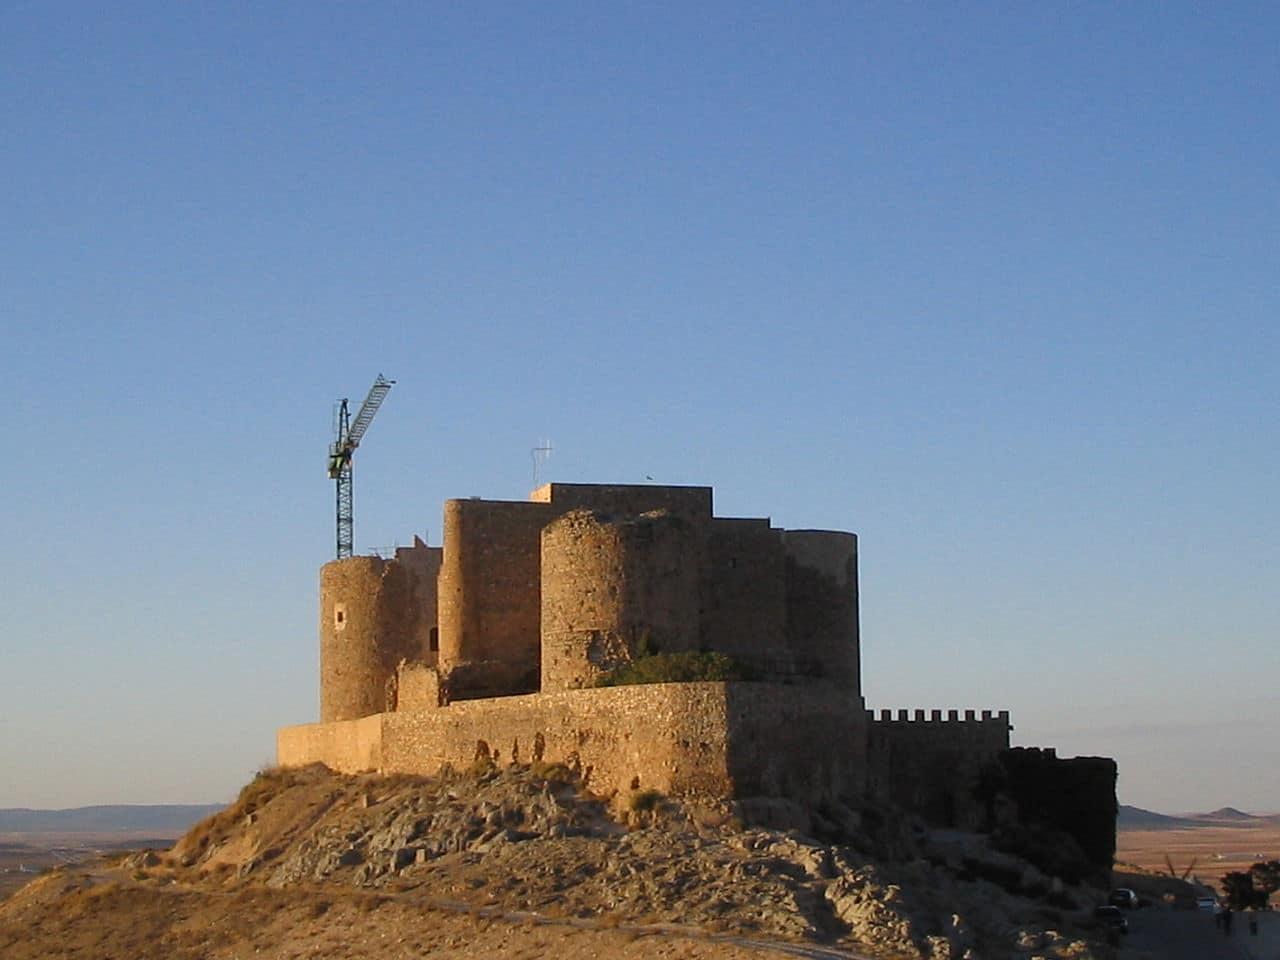 Vista del castillo de La Muela